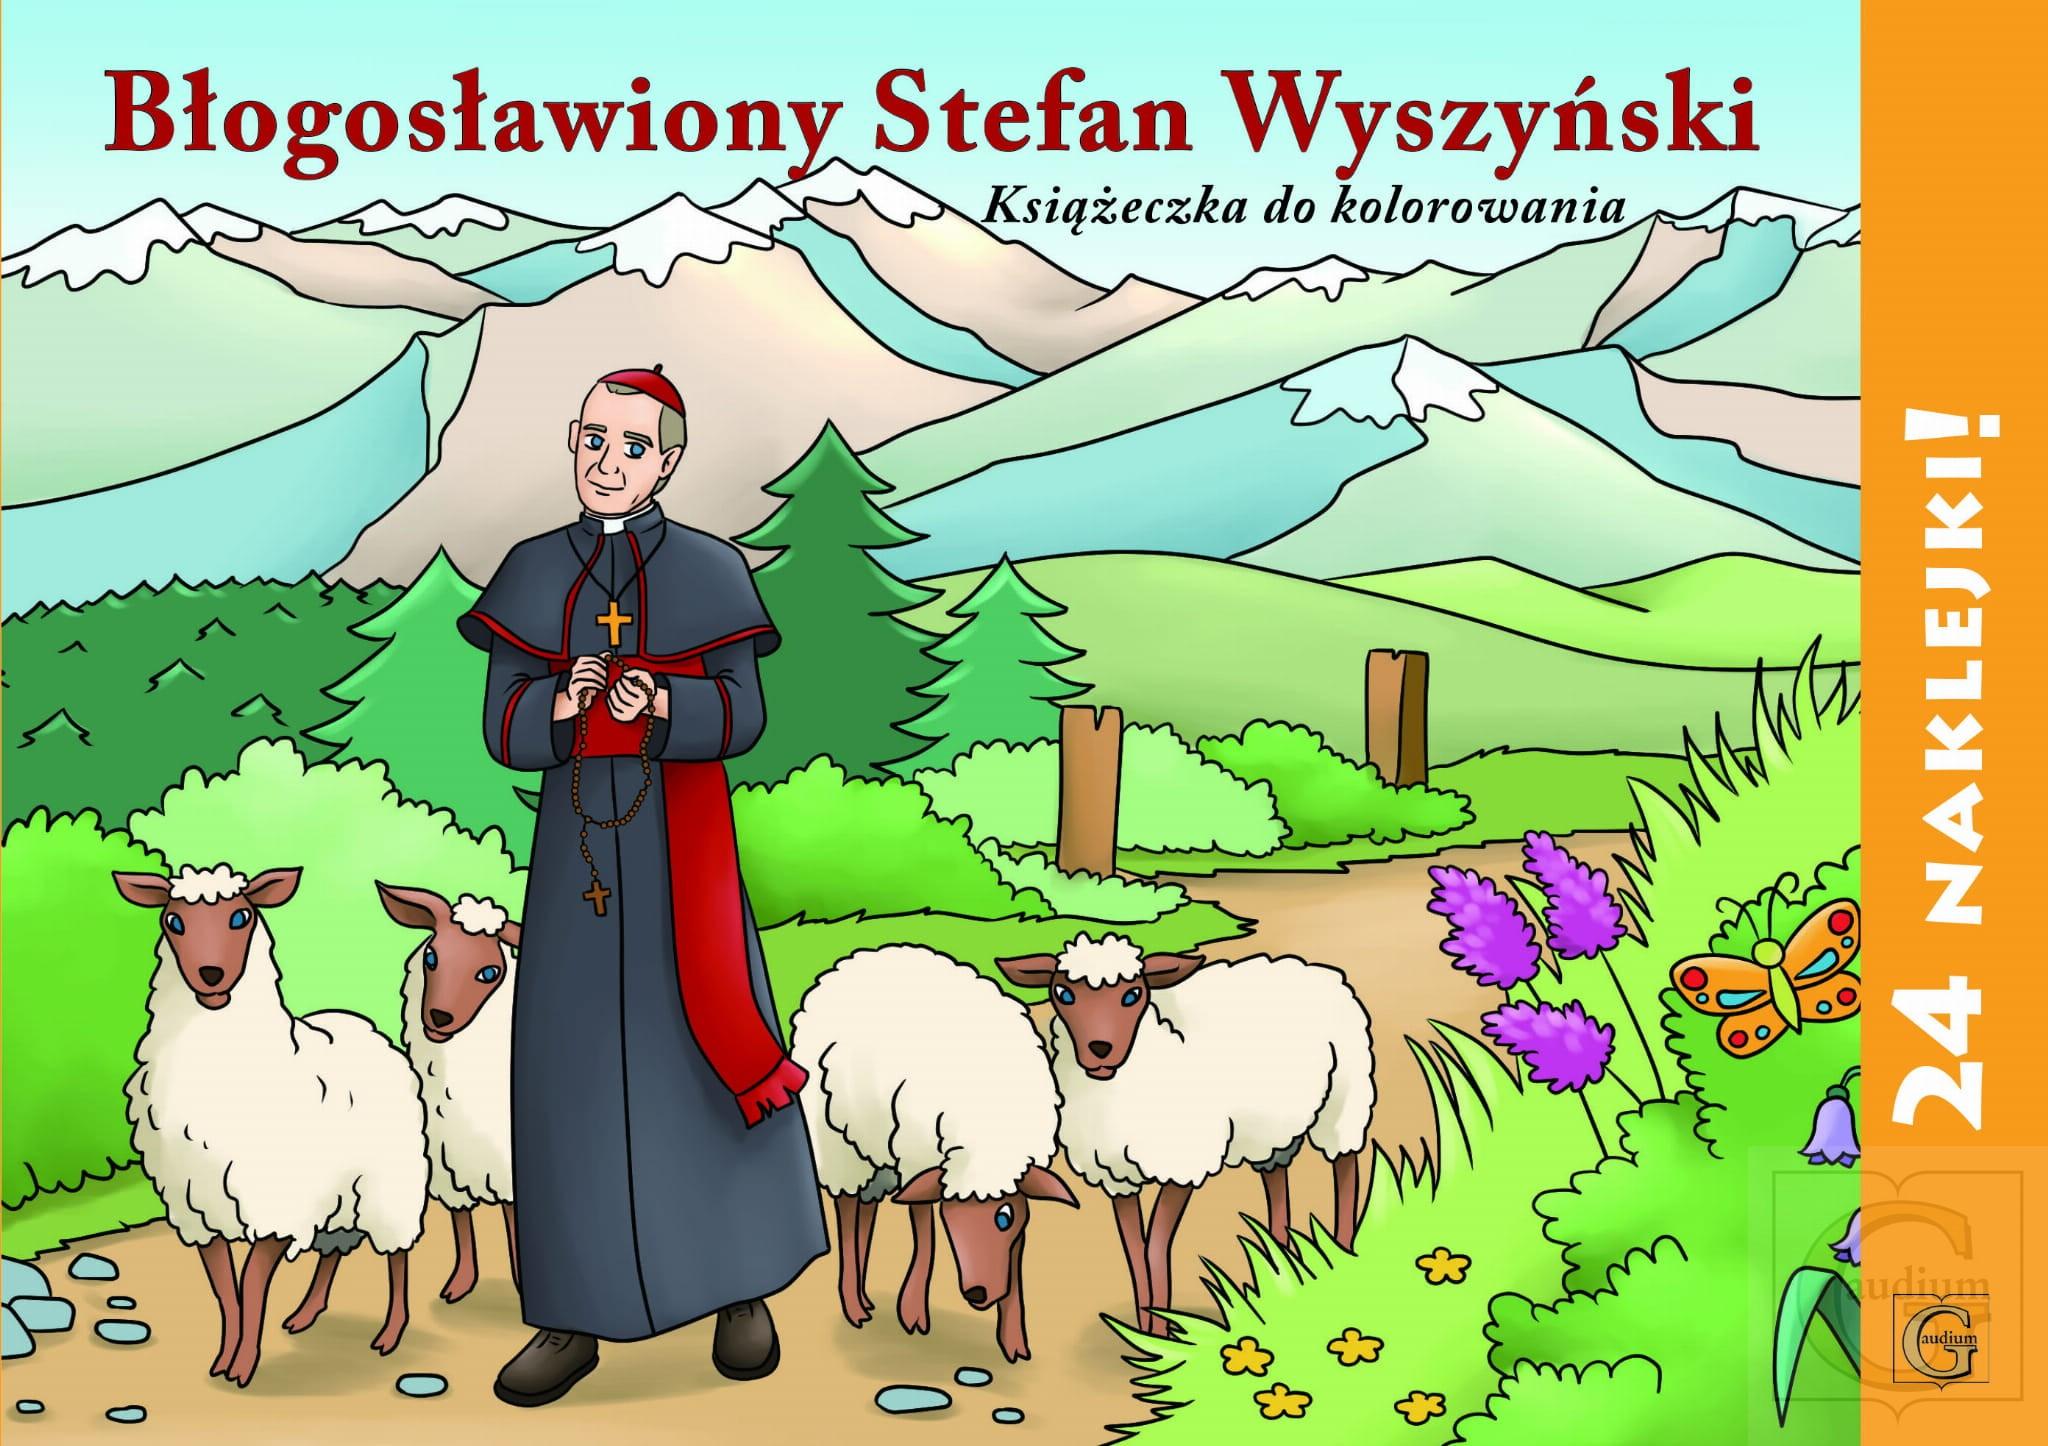 Kolorowanka z naklejkami - Bł. St. Wyszyński